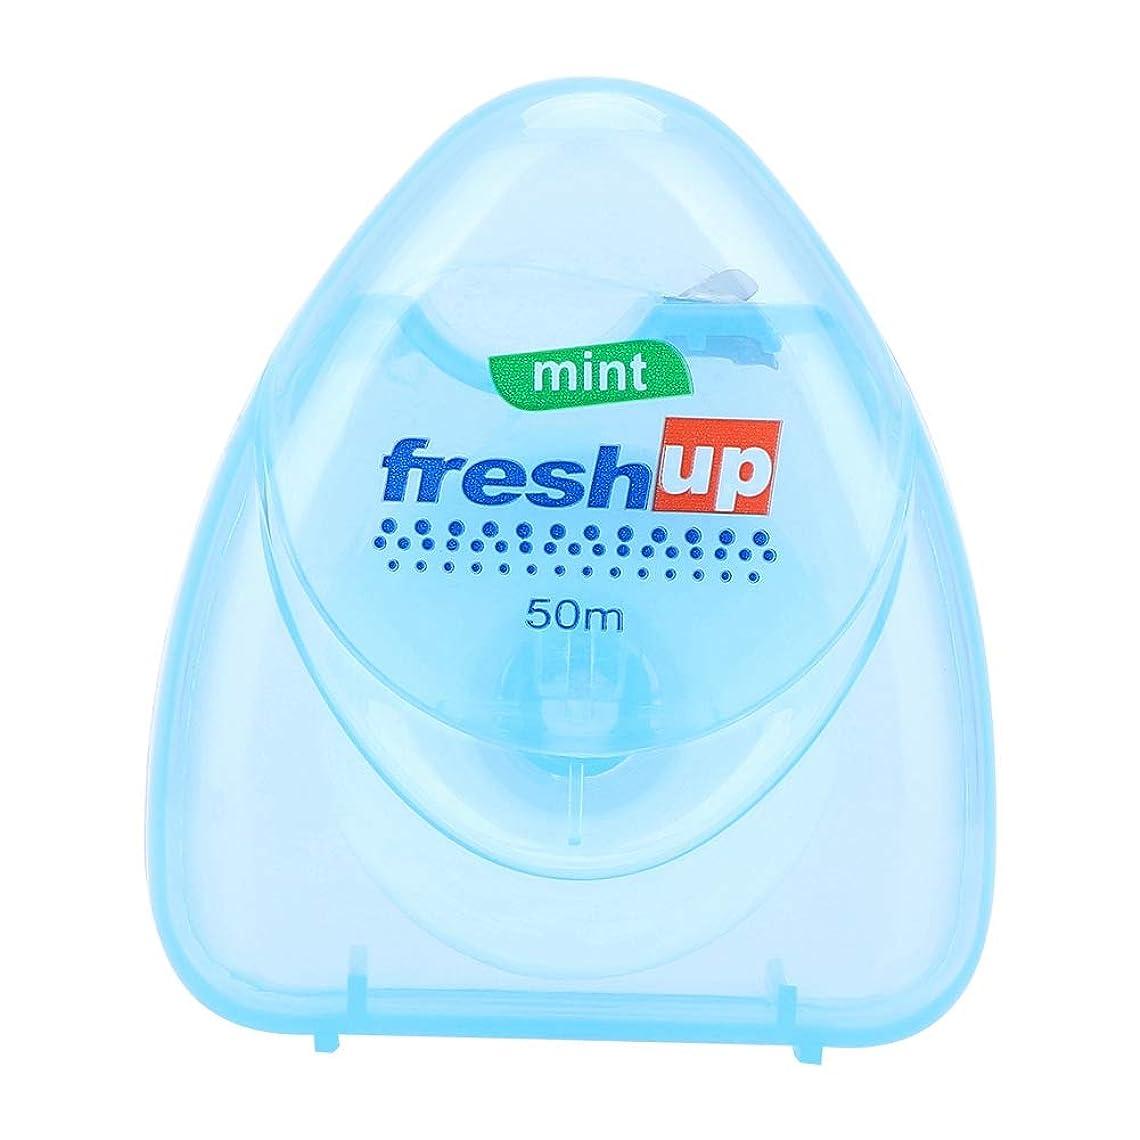 できた直感契約するデンタルフロス、50mデンタルフロスの歯の汚れの除去の歯の洗剤大人の世話の歯のために適した衛生用品